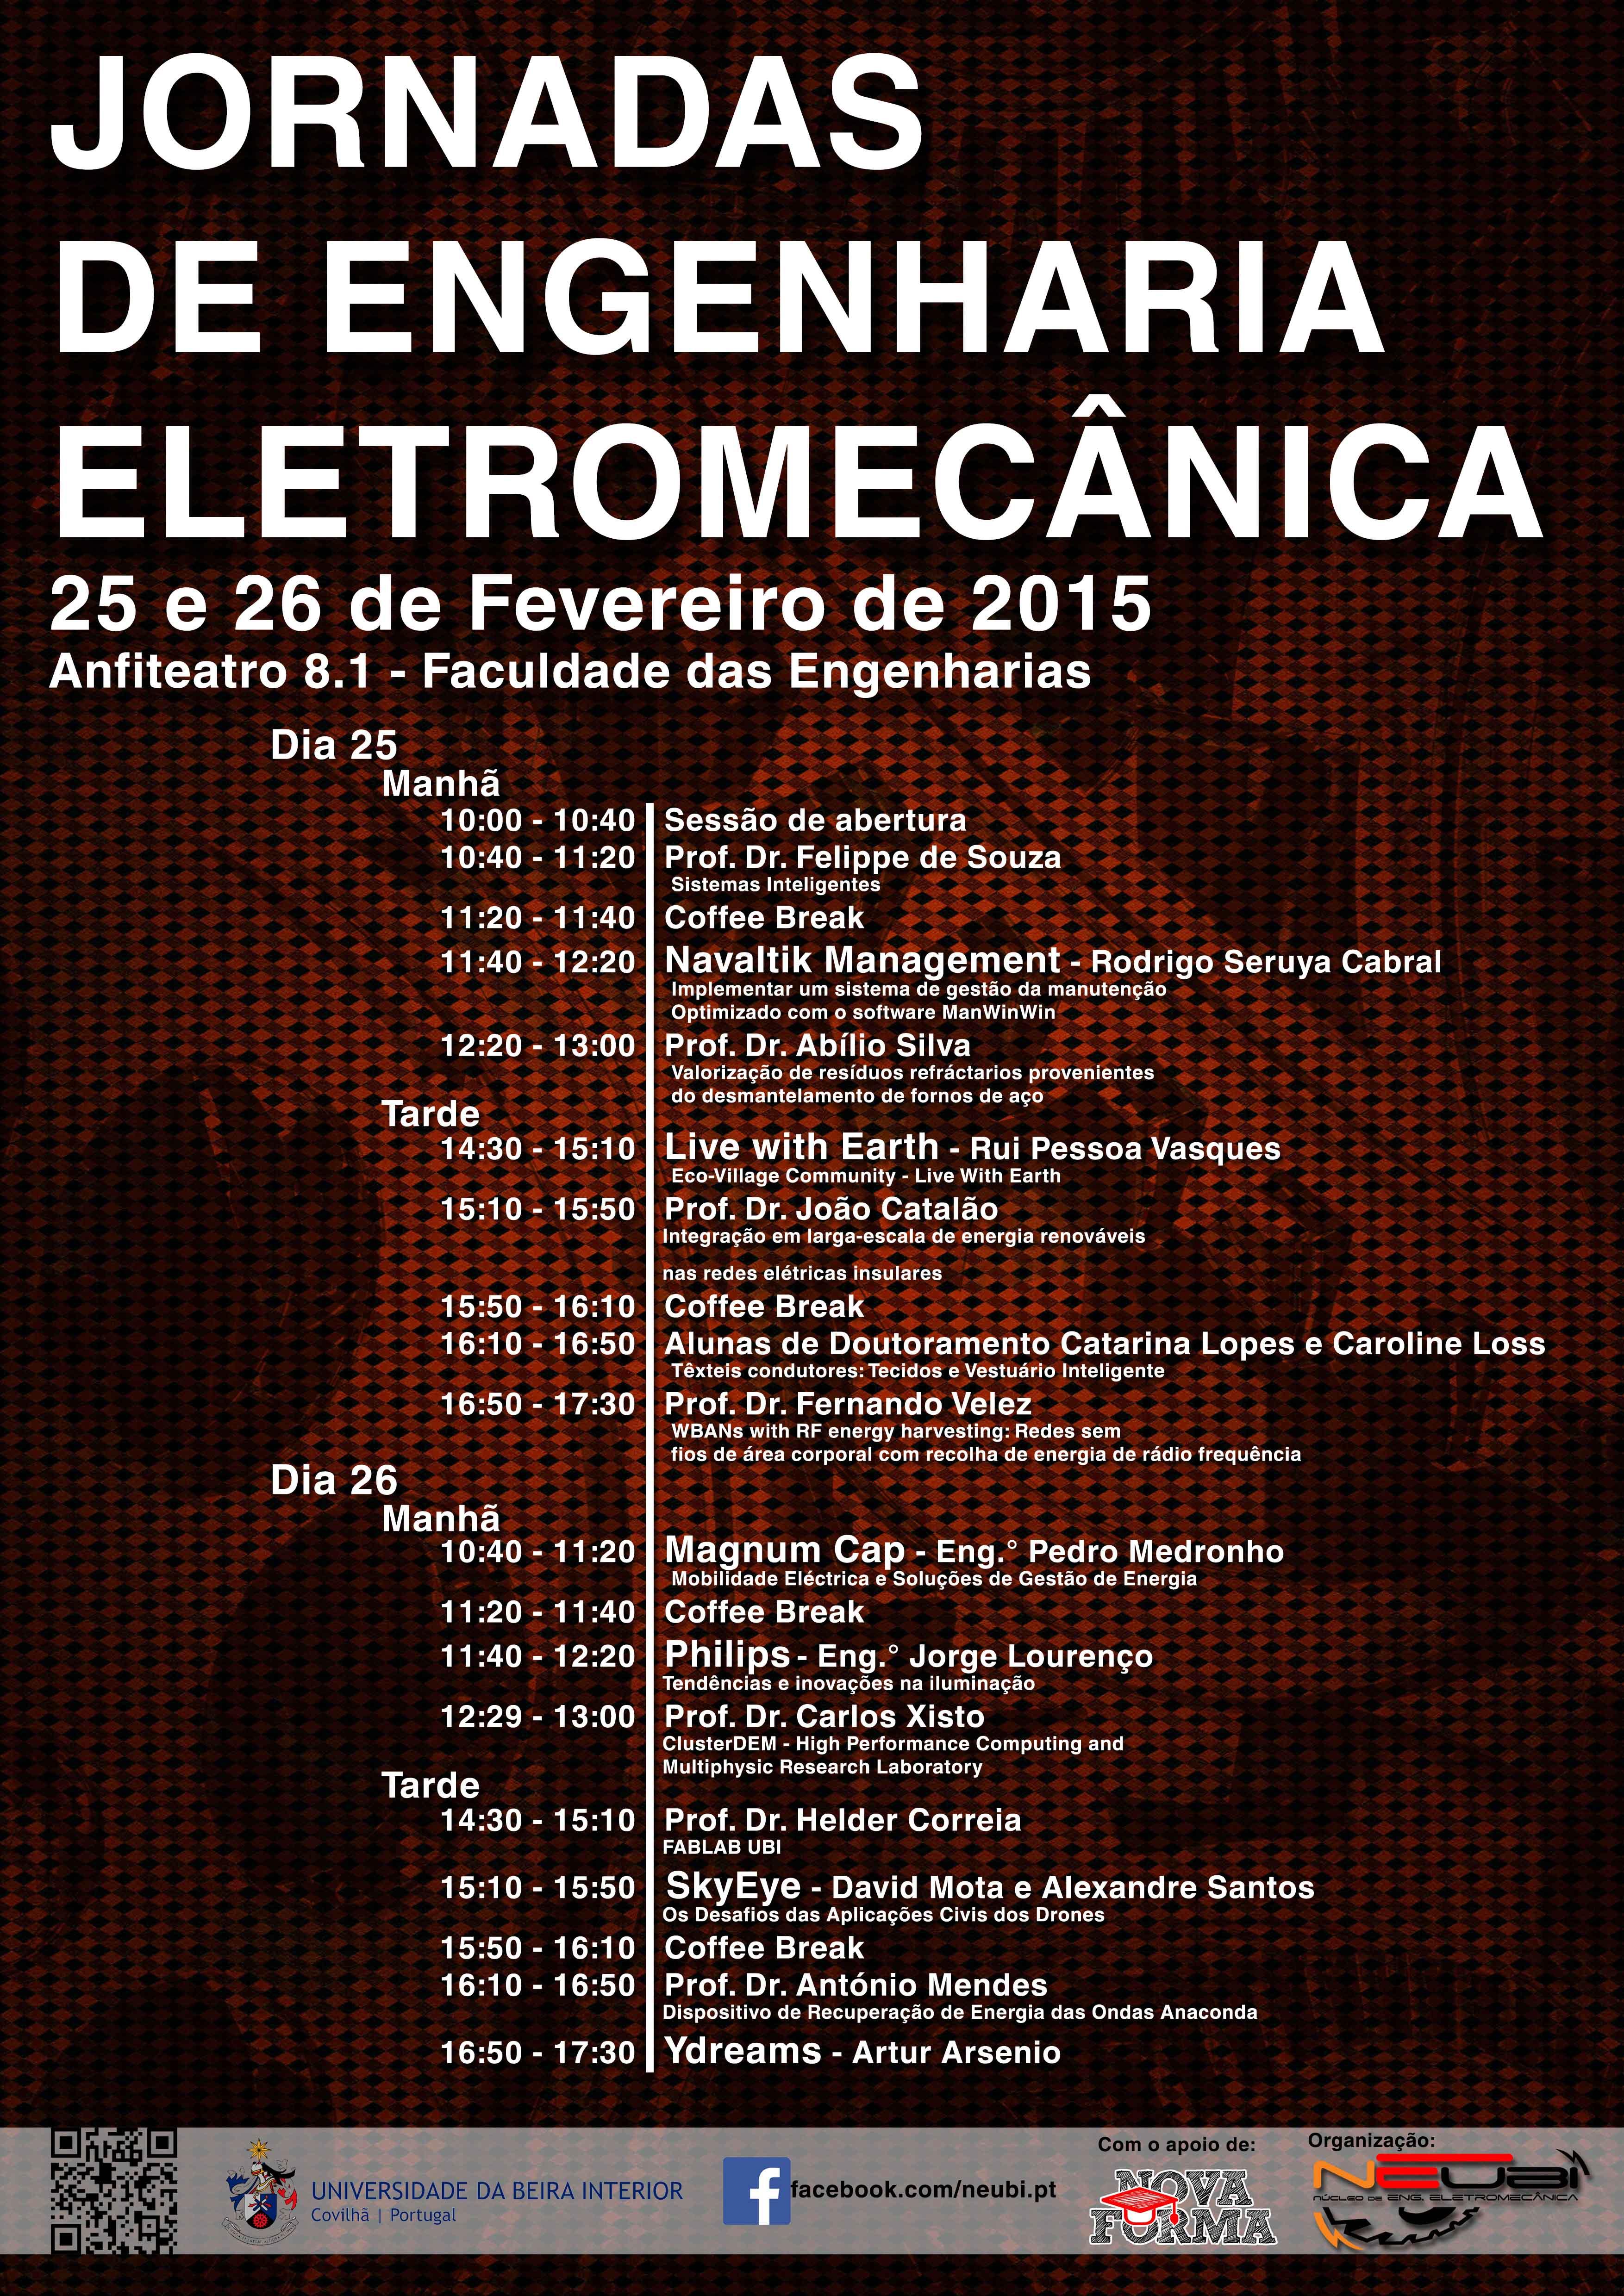 Jornadas Engenharia Eletromecânica